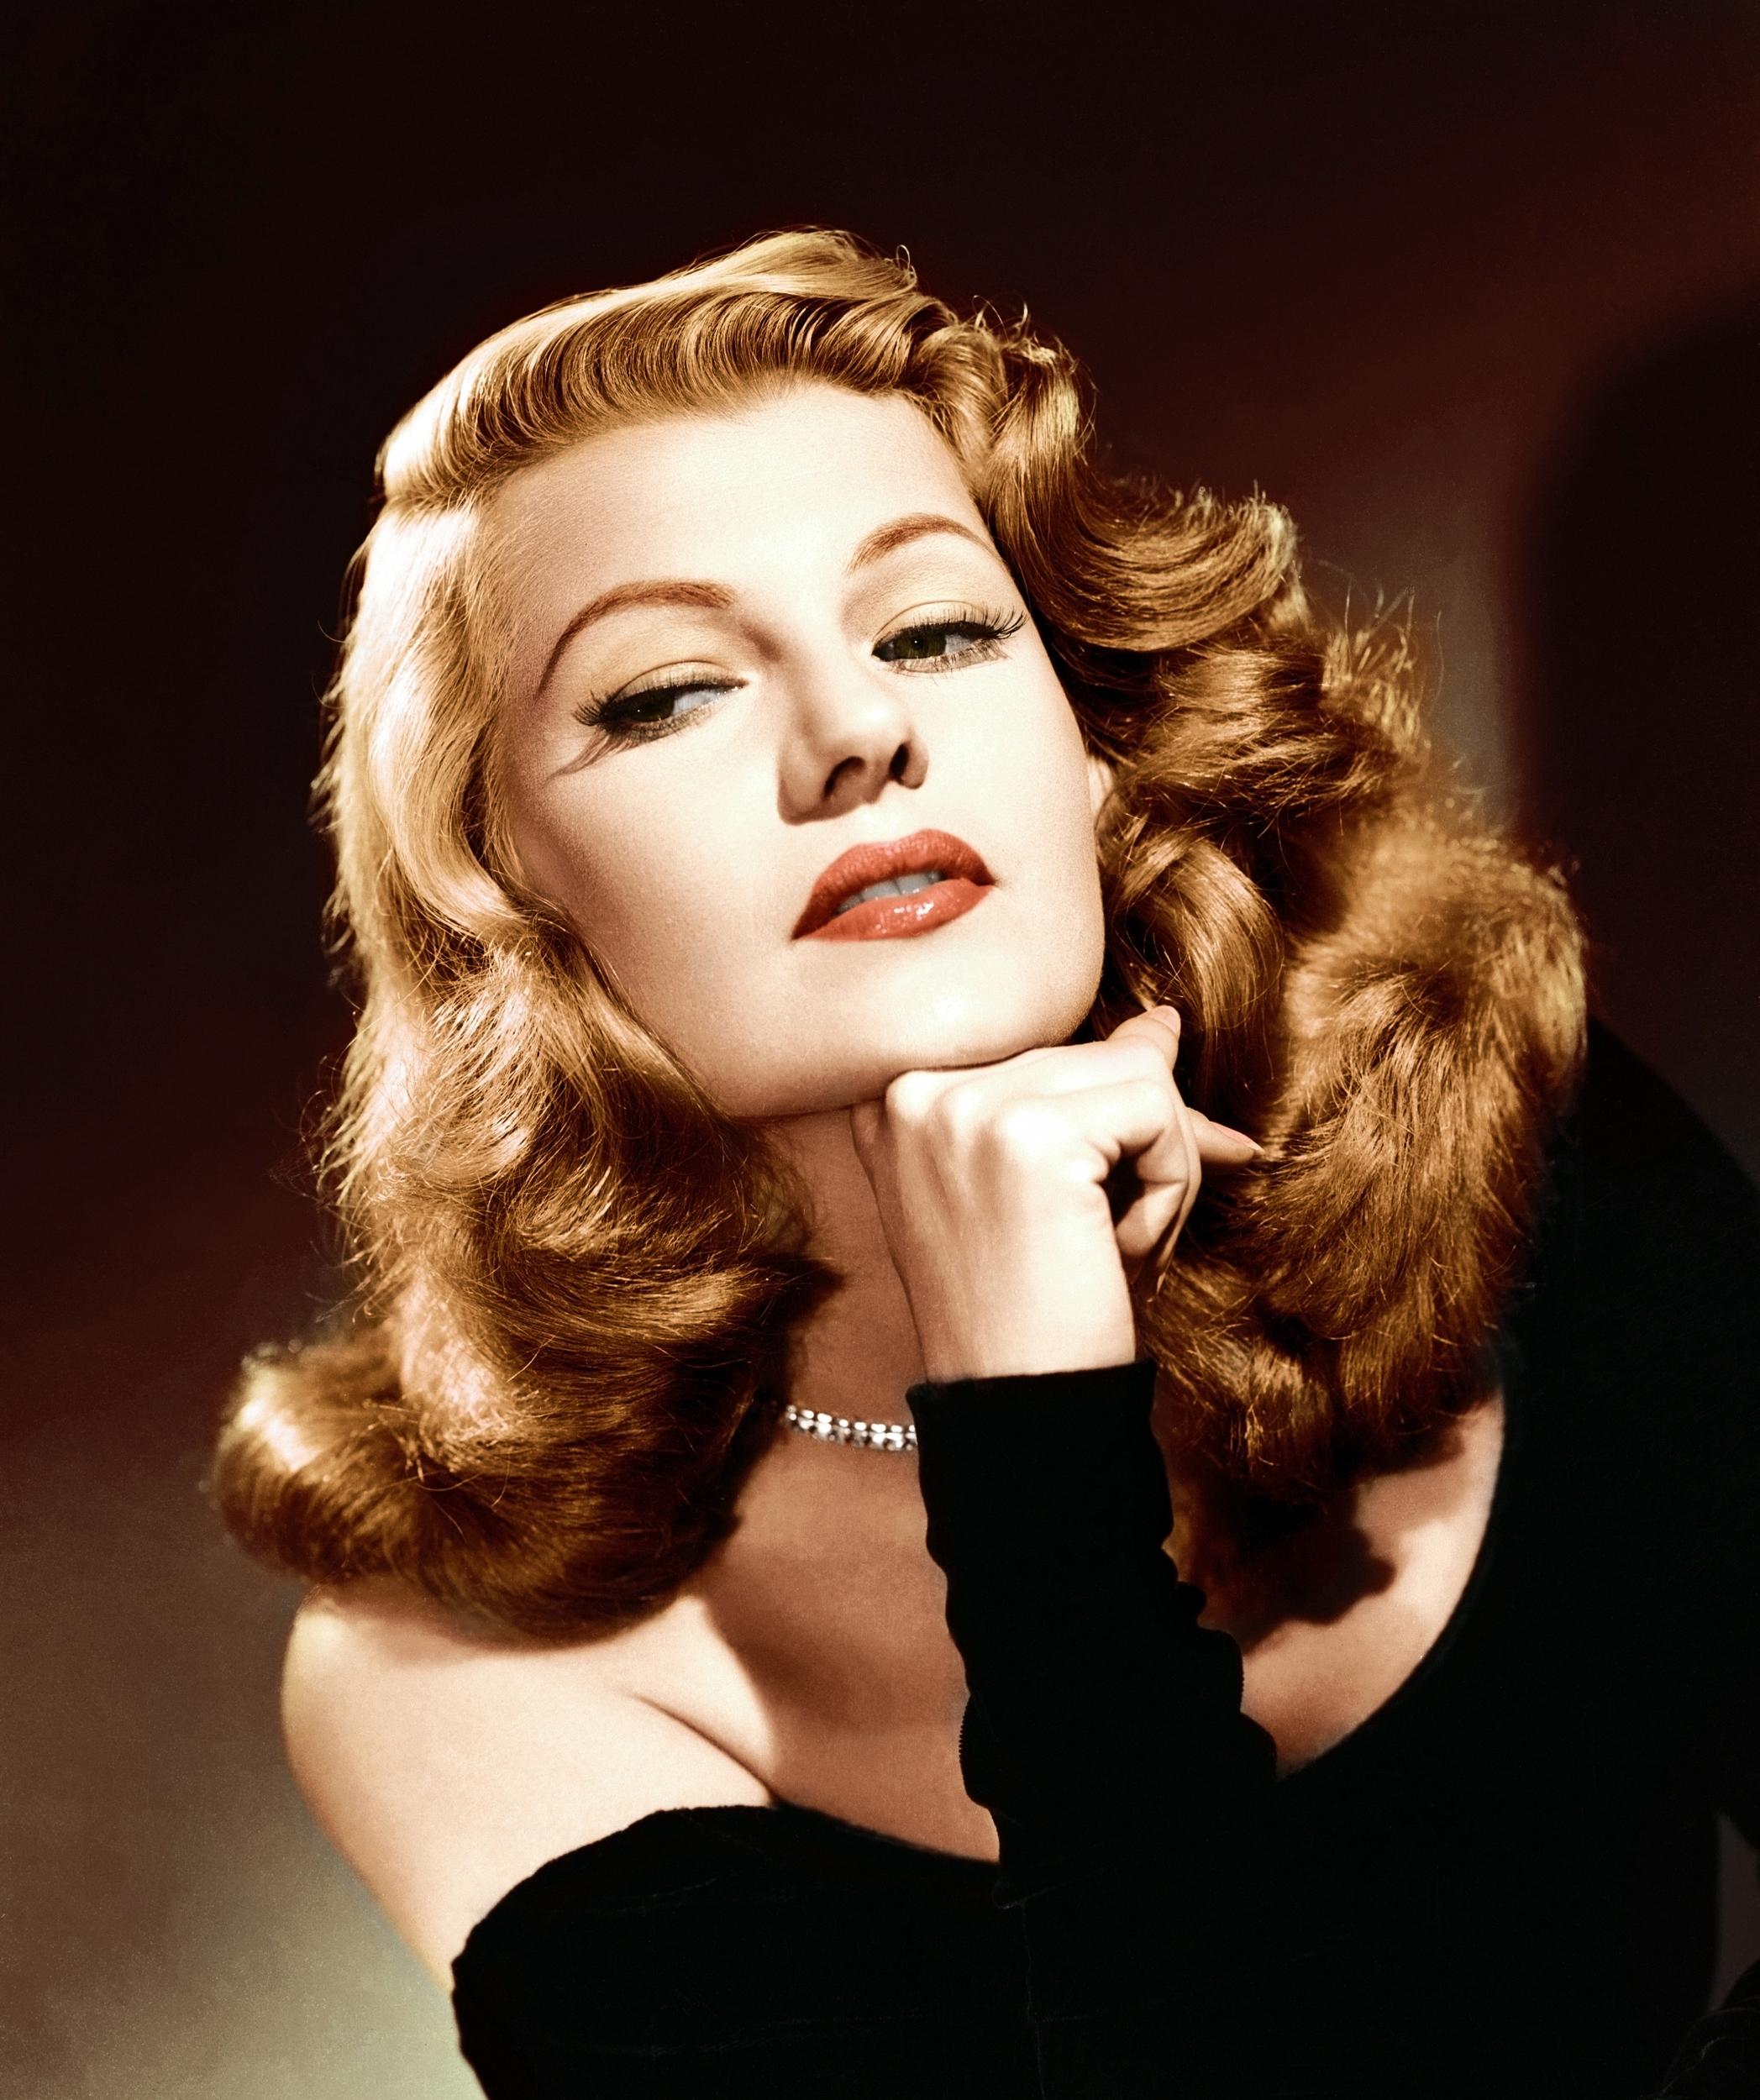 Rita Hayworth - czerwona szminka i rude włosy.